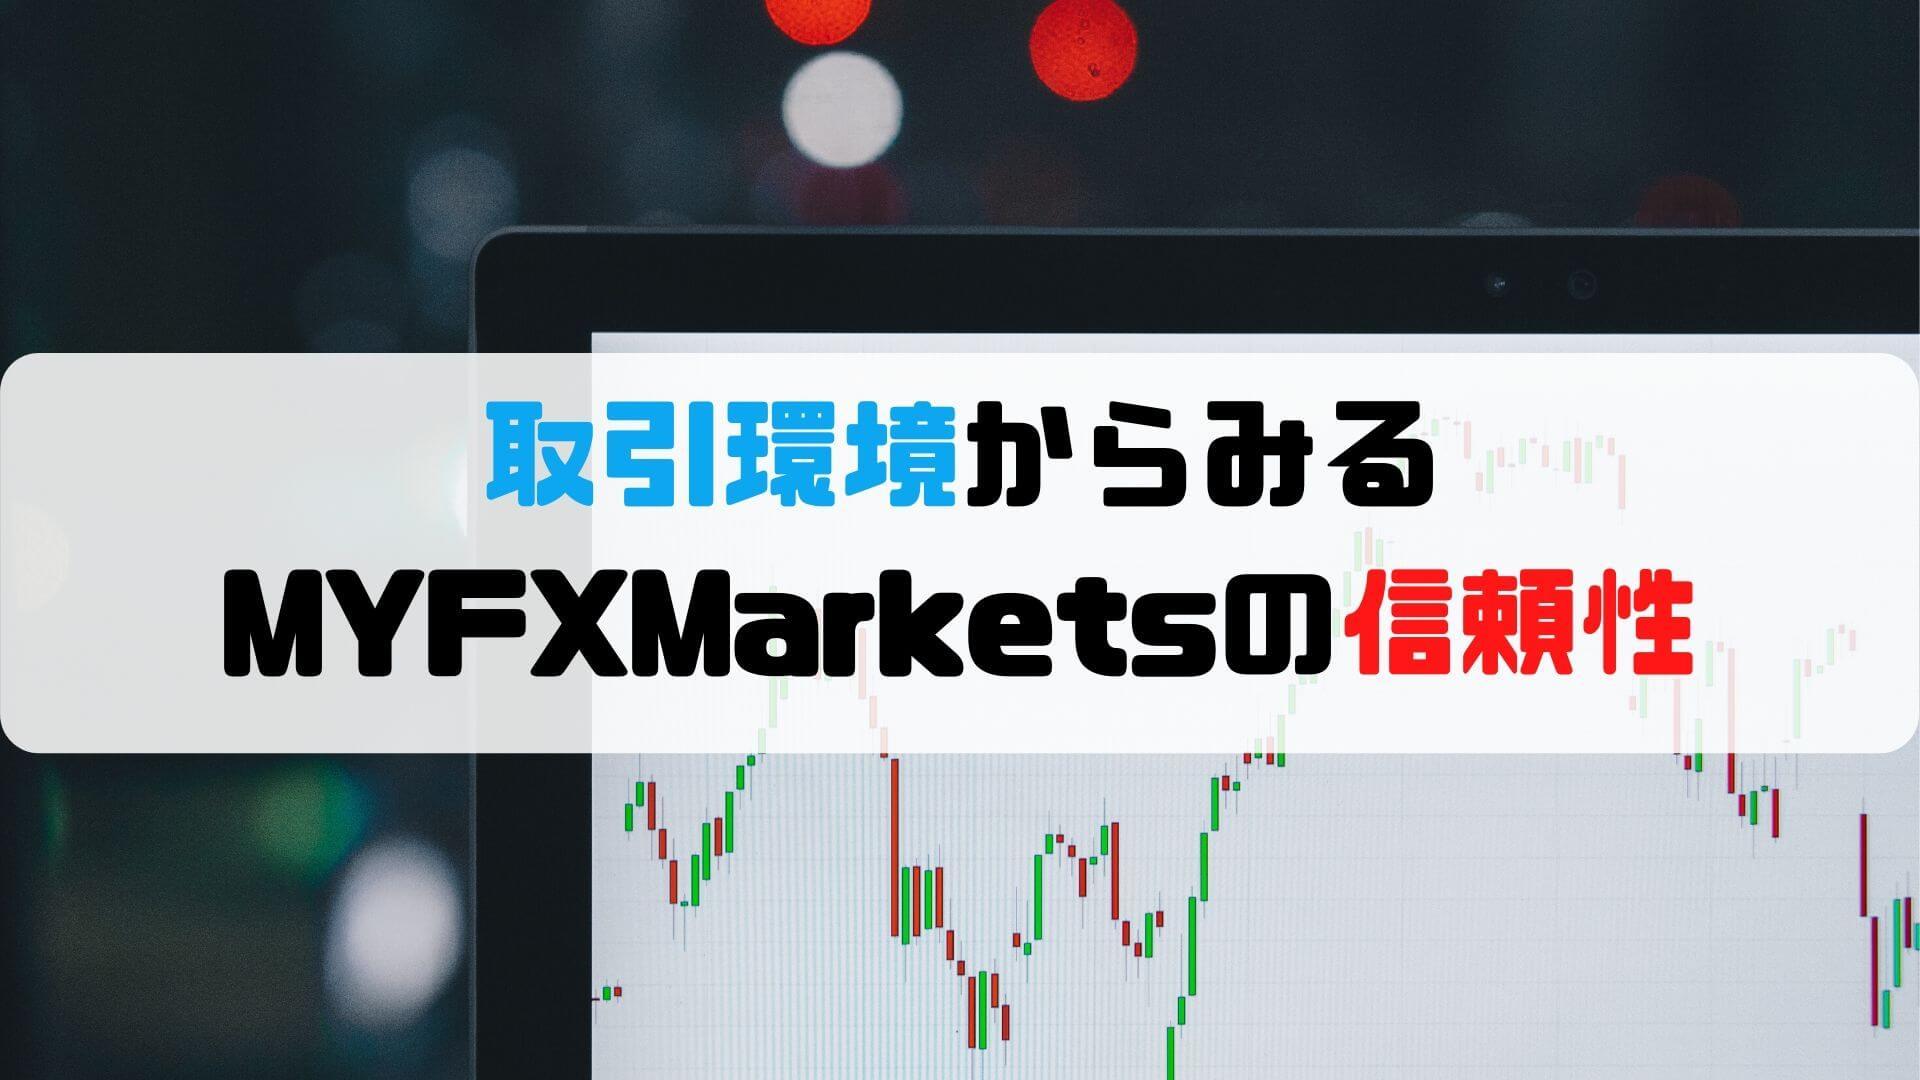 MYFXMarkets 安全性